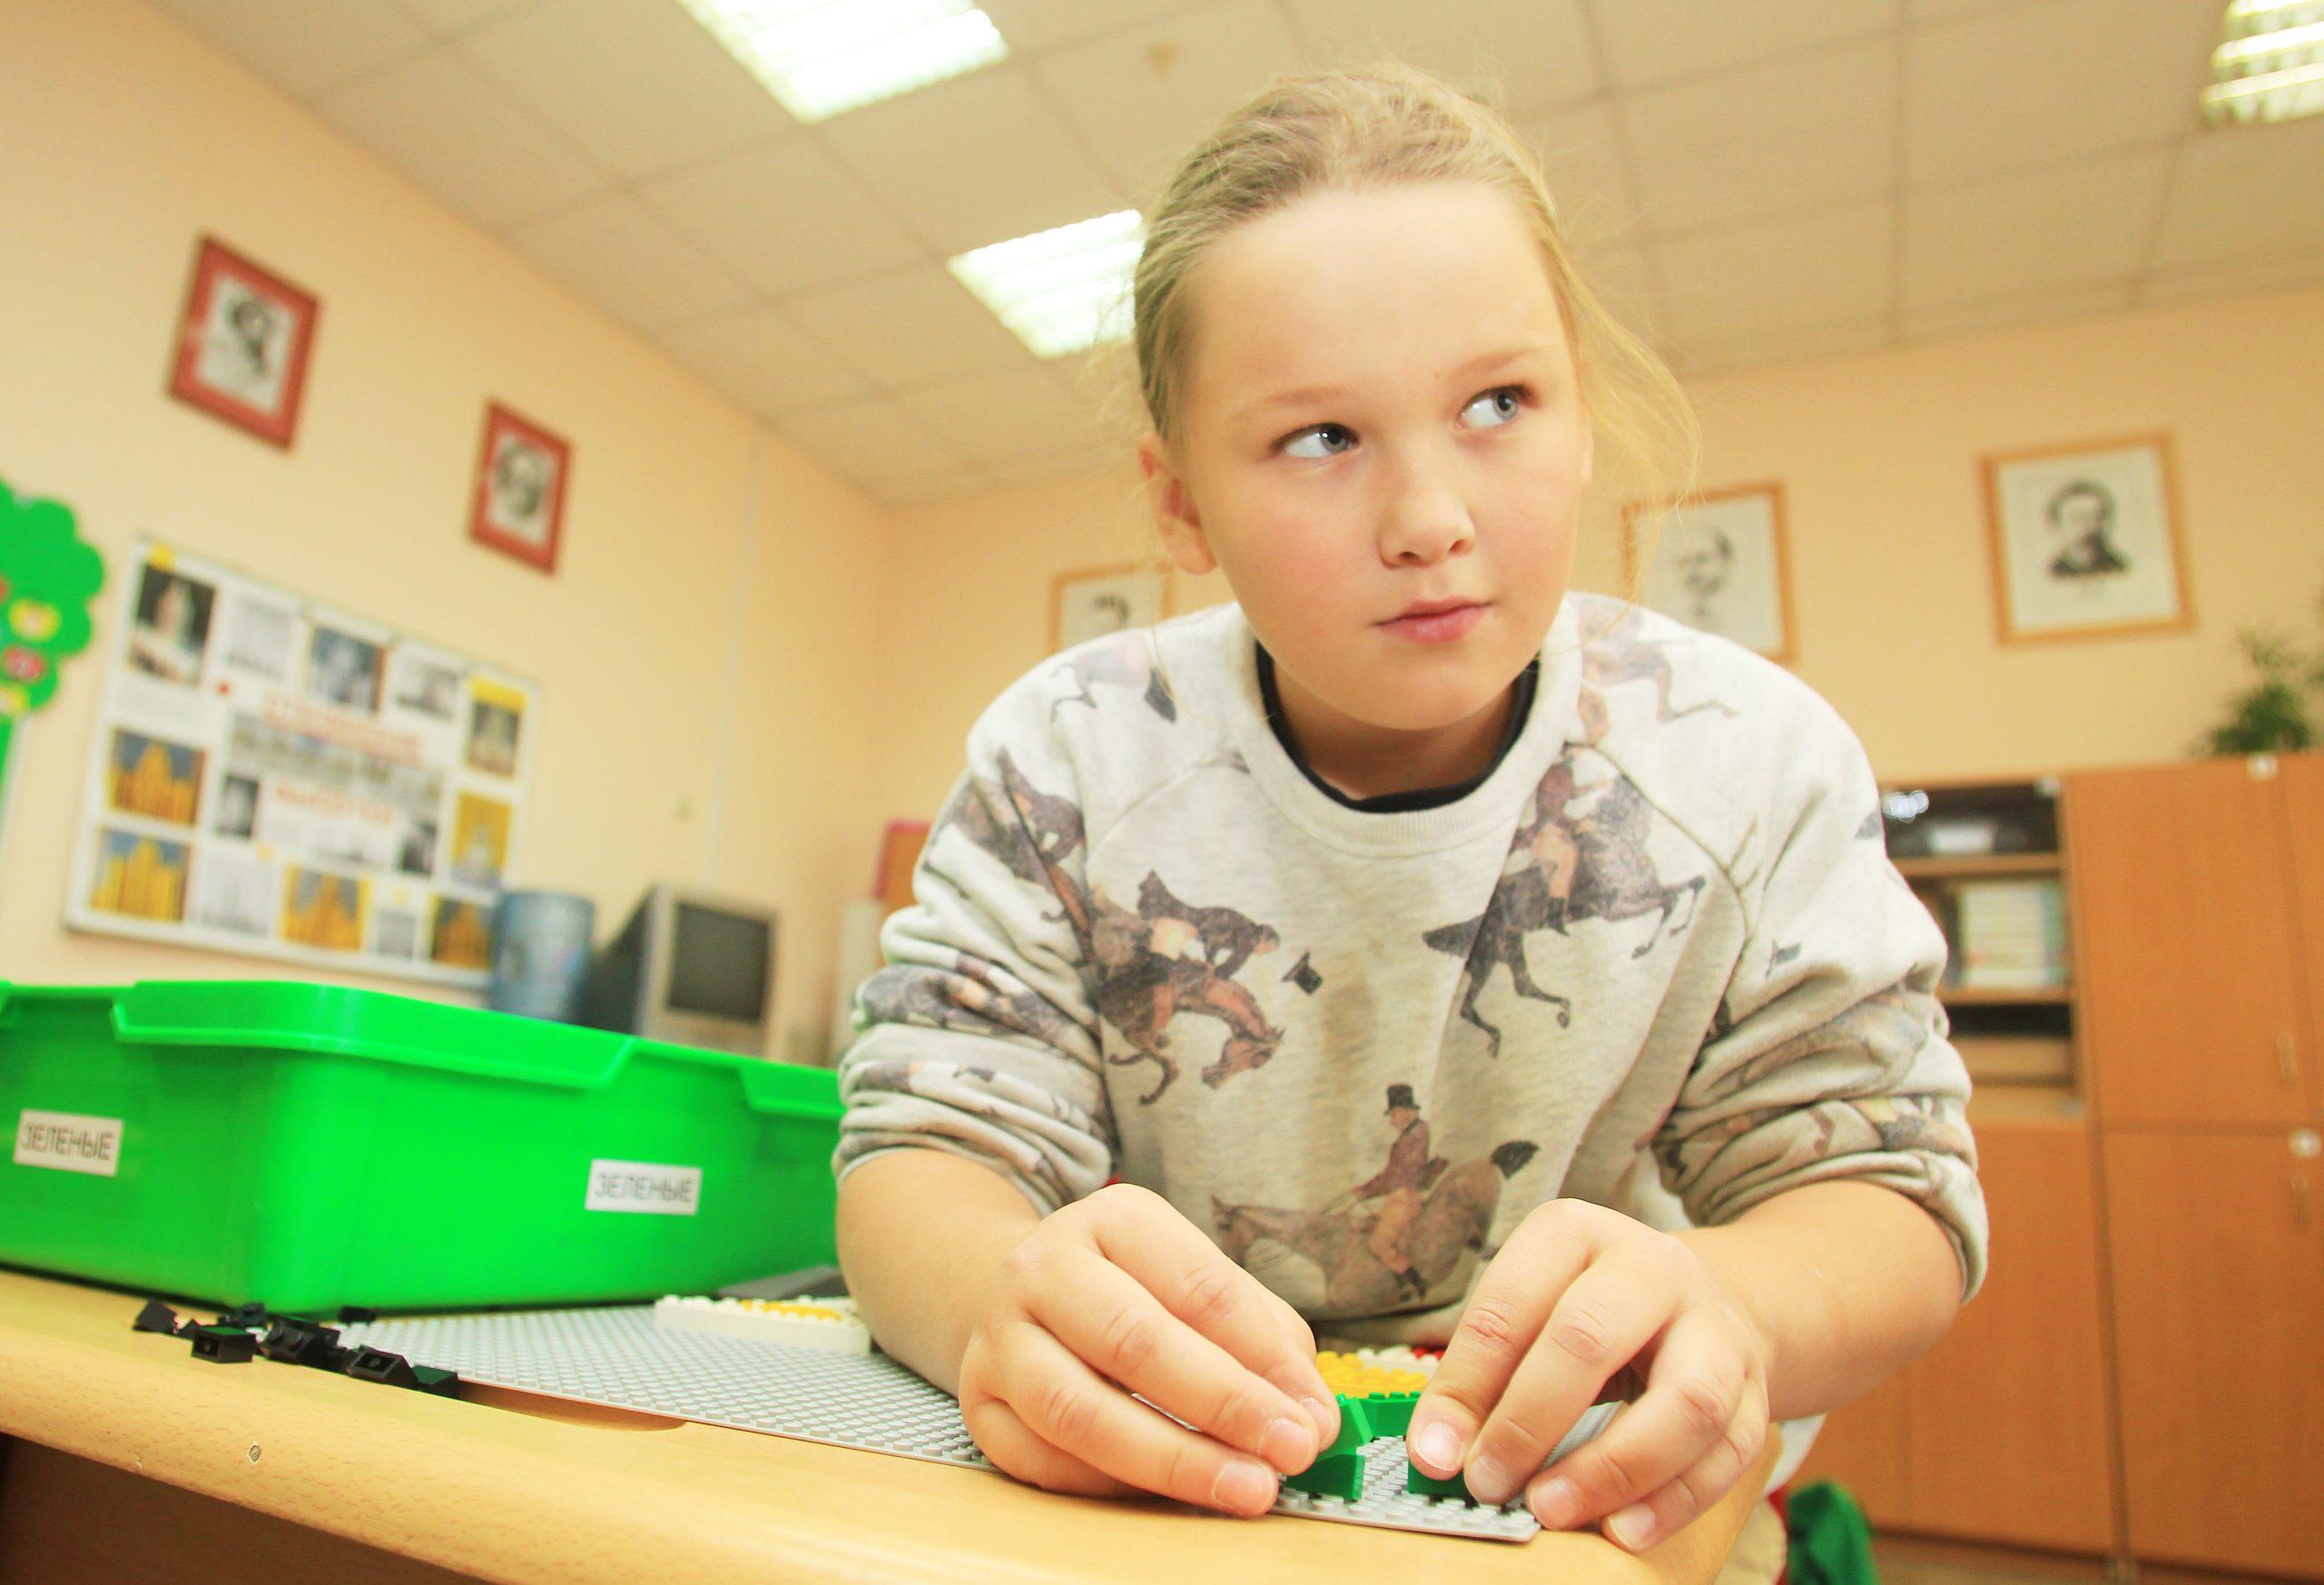 Школьников Донского пригласили на цикл дистанционных занятий по анимации